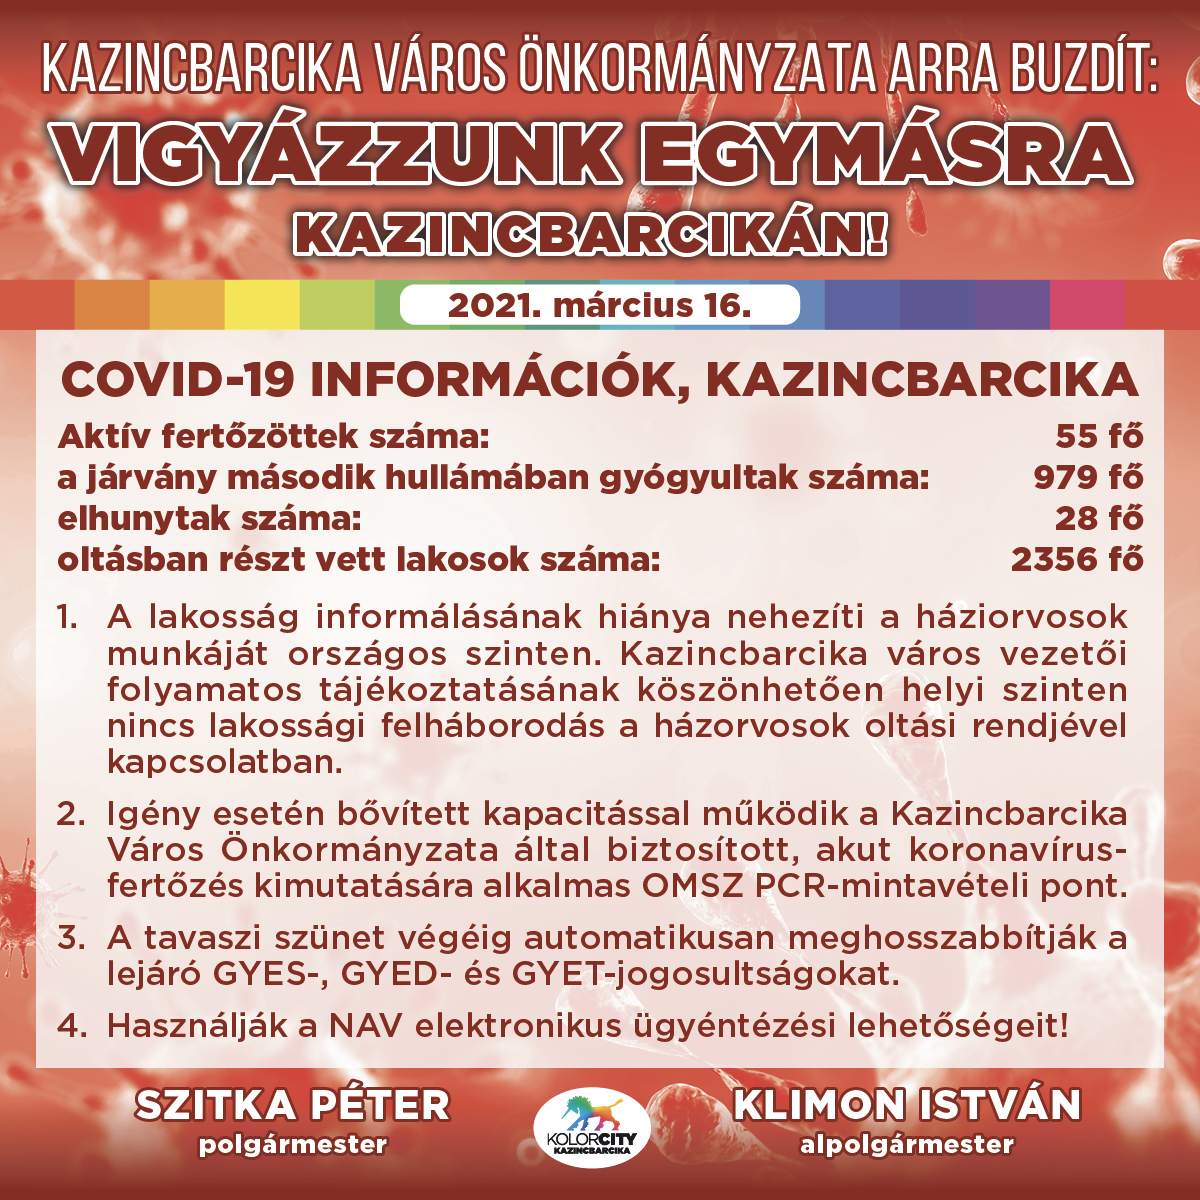 https://kolorline.hu/Vigyázzunk egymásra Kazincbarcikán! – 2021. március 16.